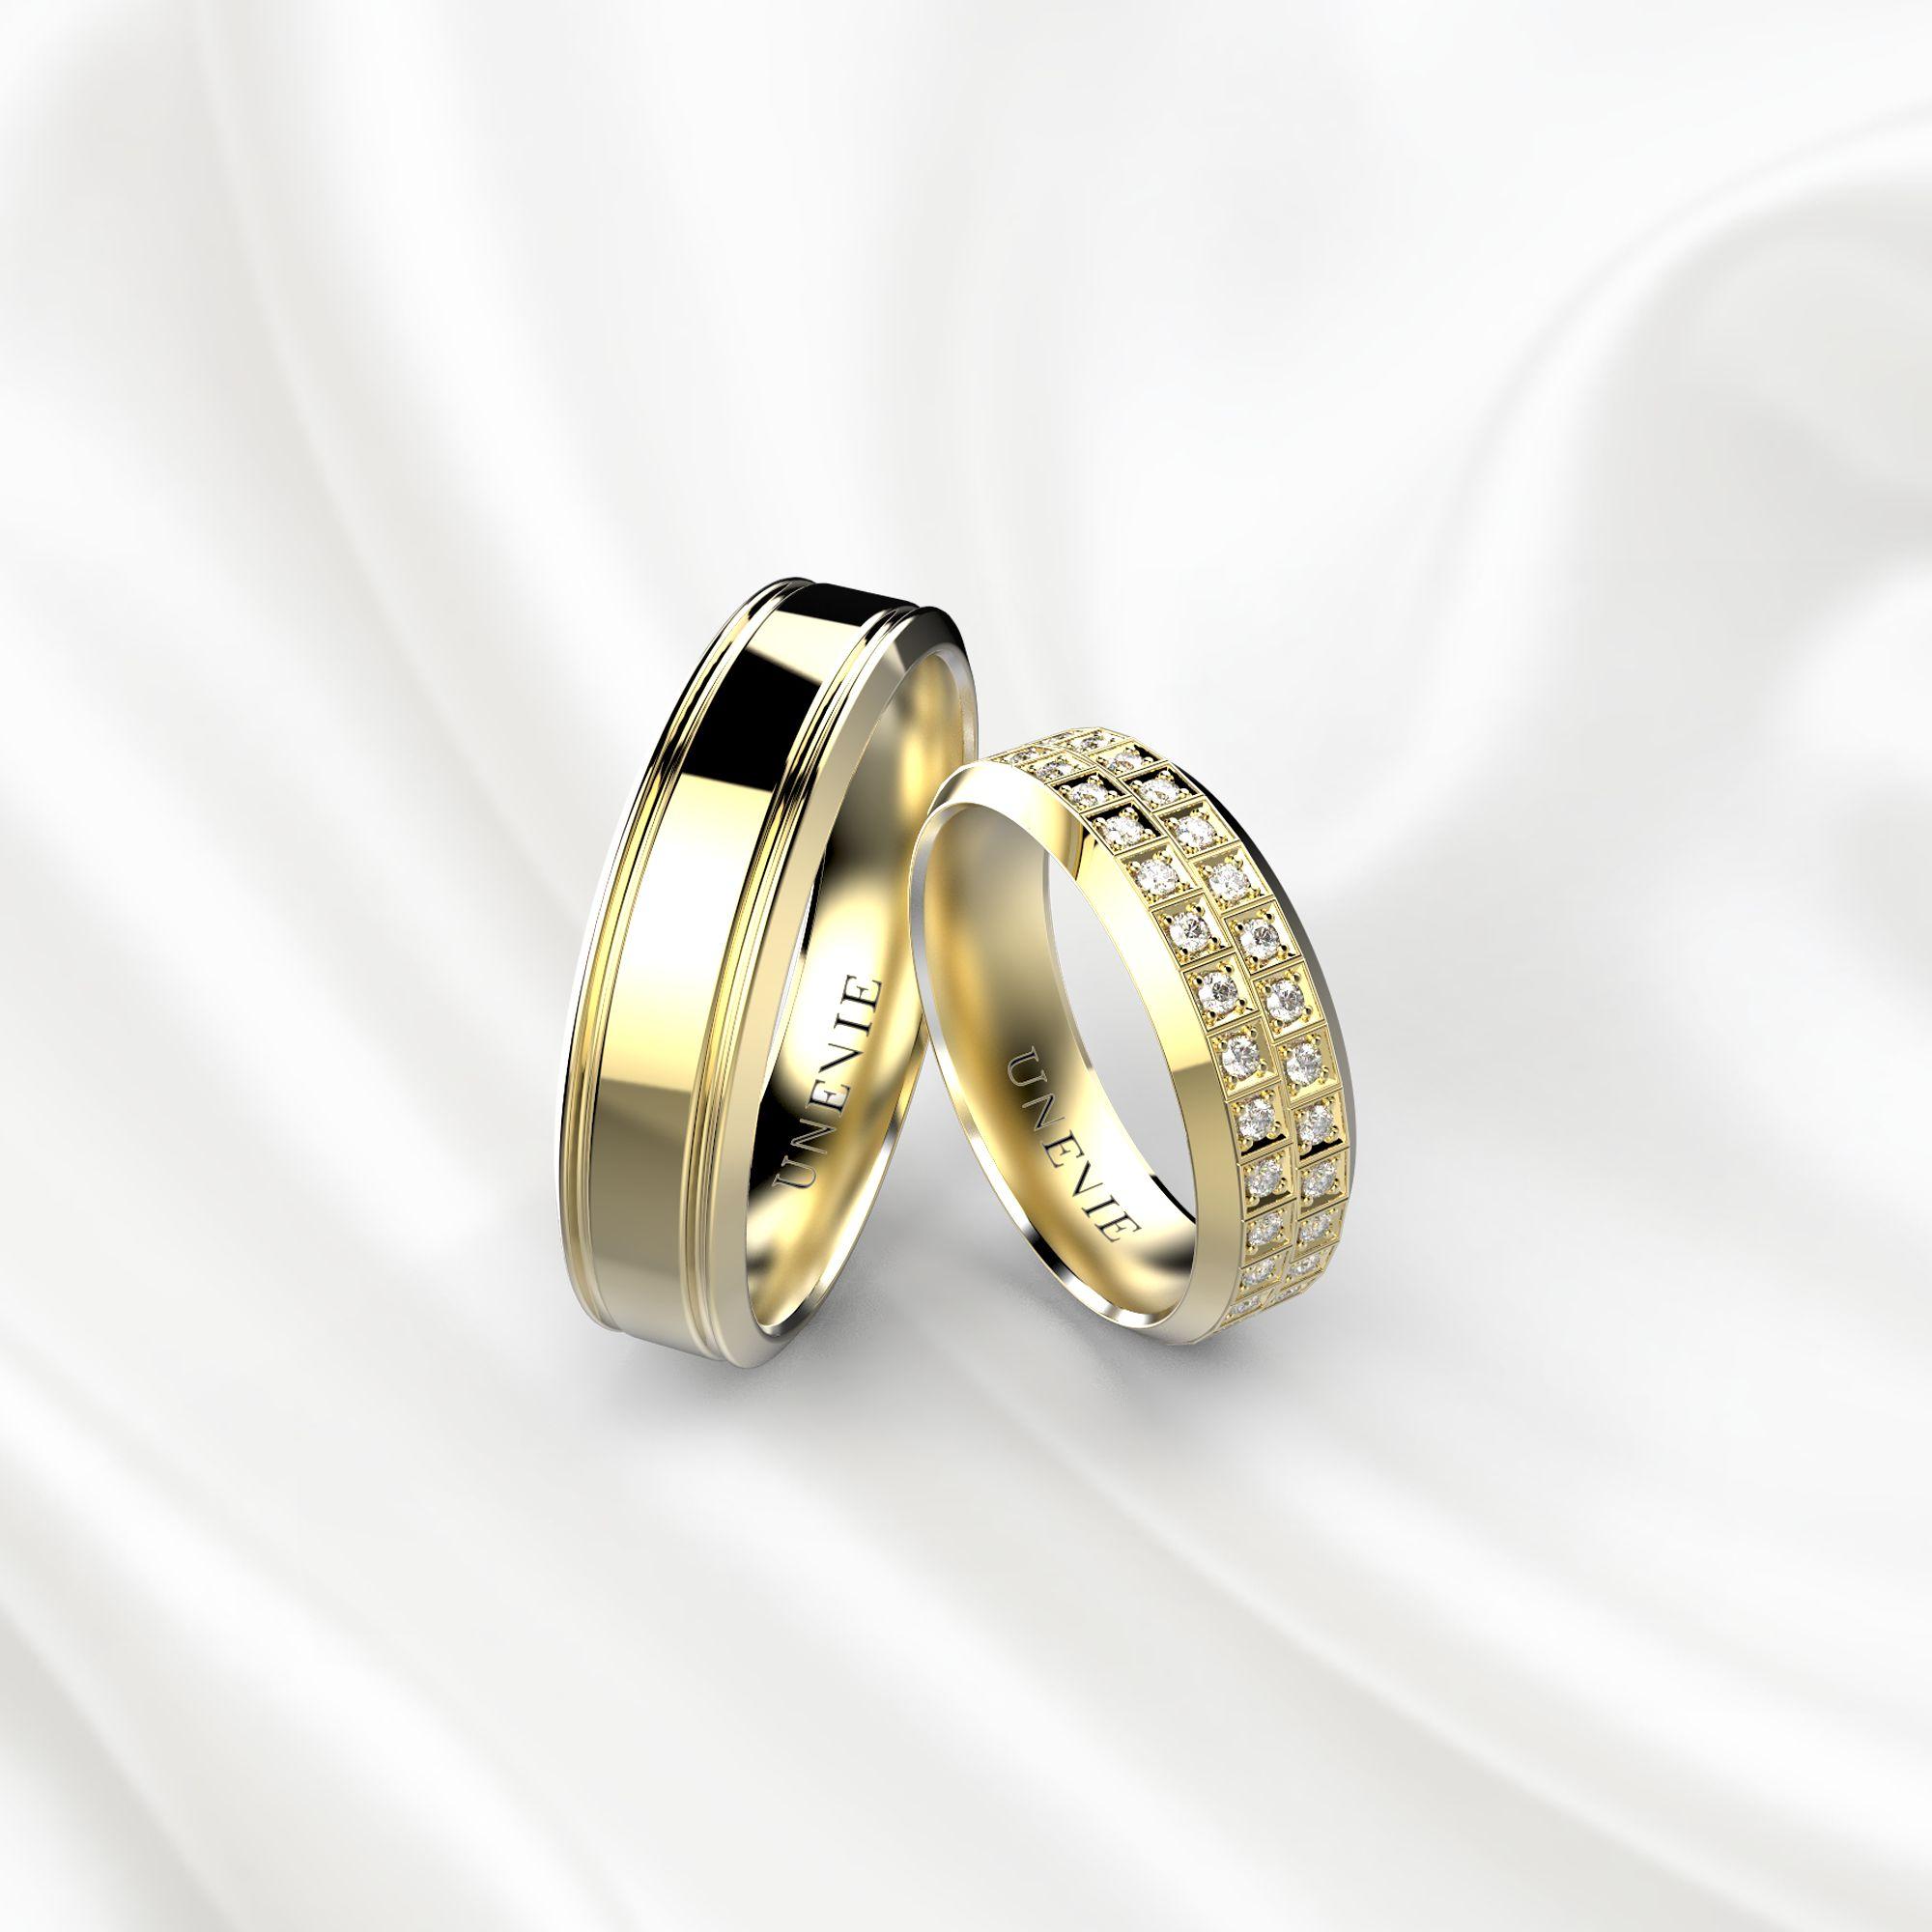 NV21 Обручальные кольца из желтого золота